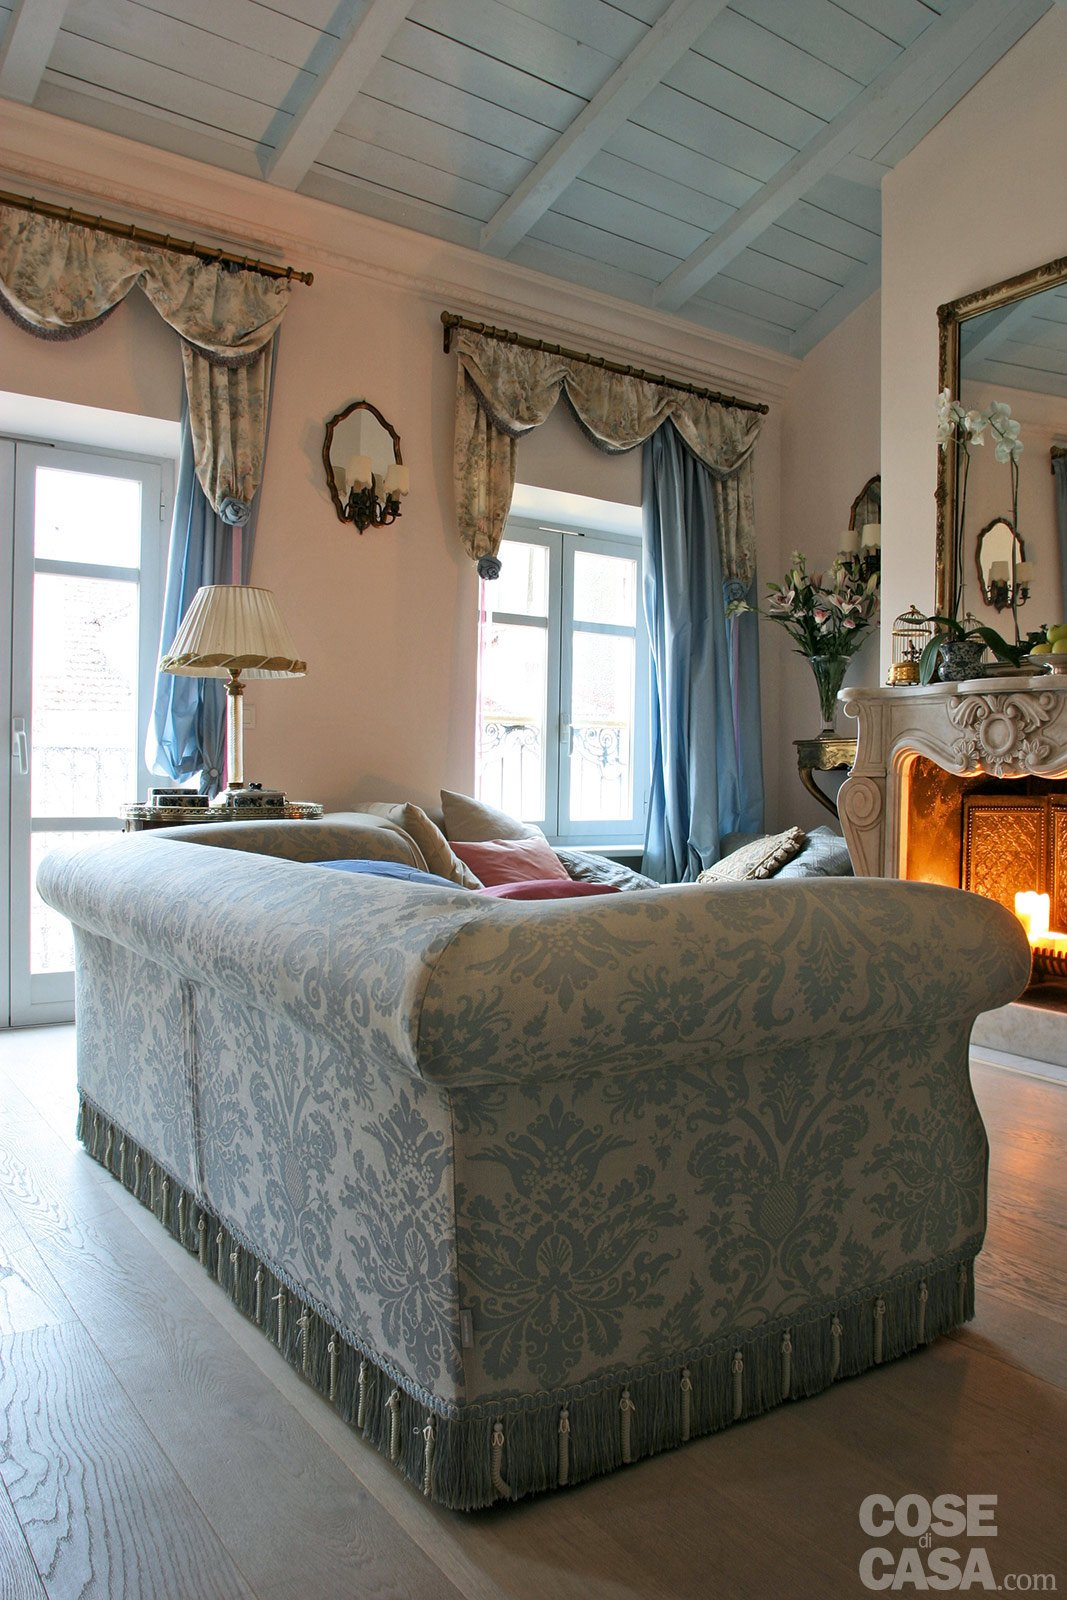 60 mq una casa in tonalit pastello cose di casa for Planimetrie di pontili e travi